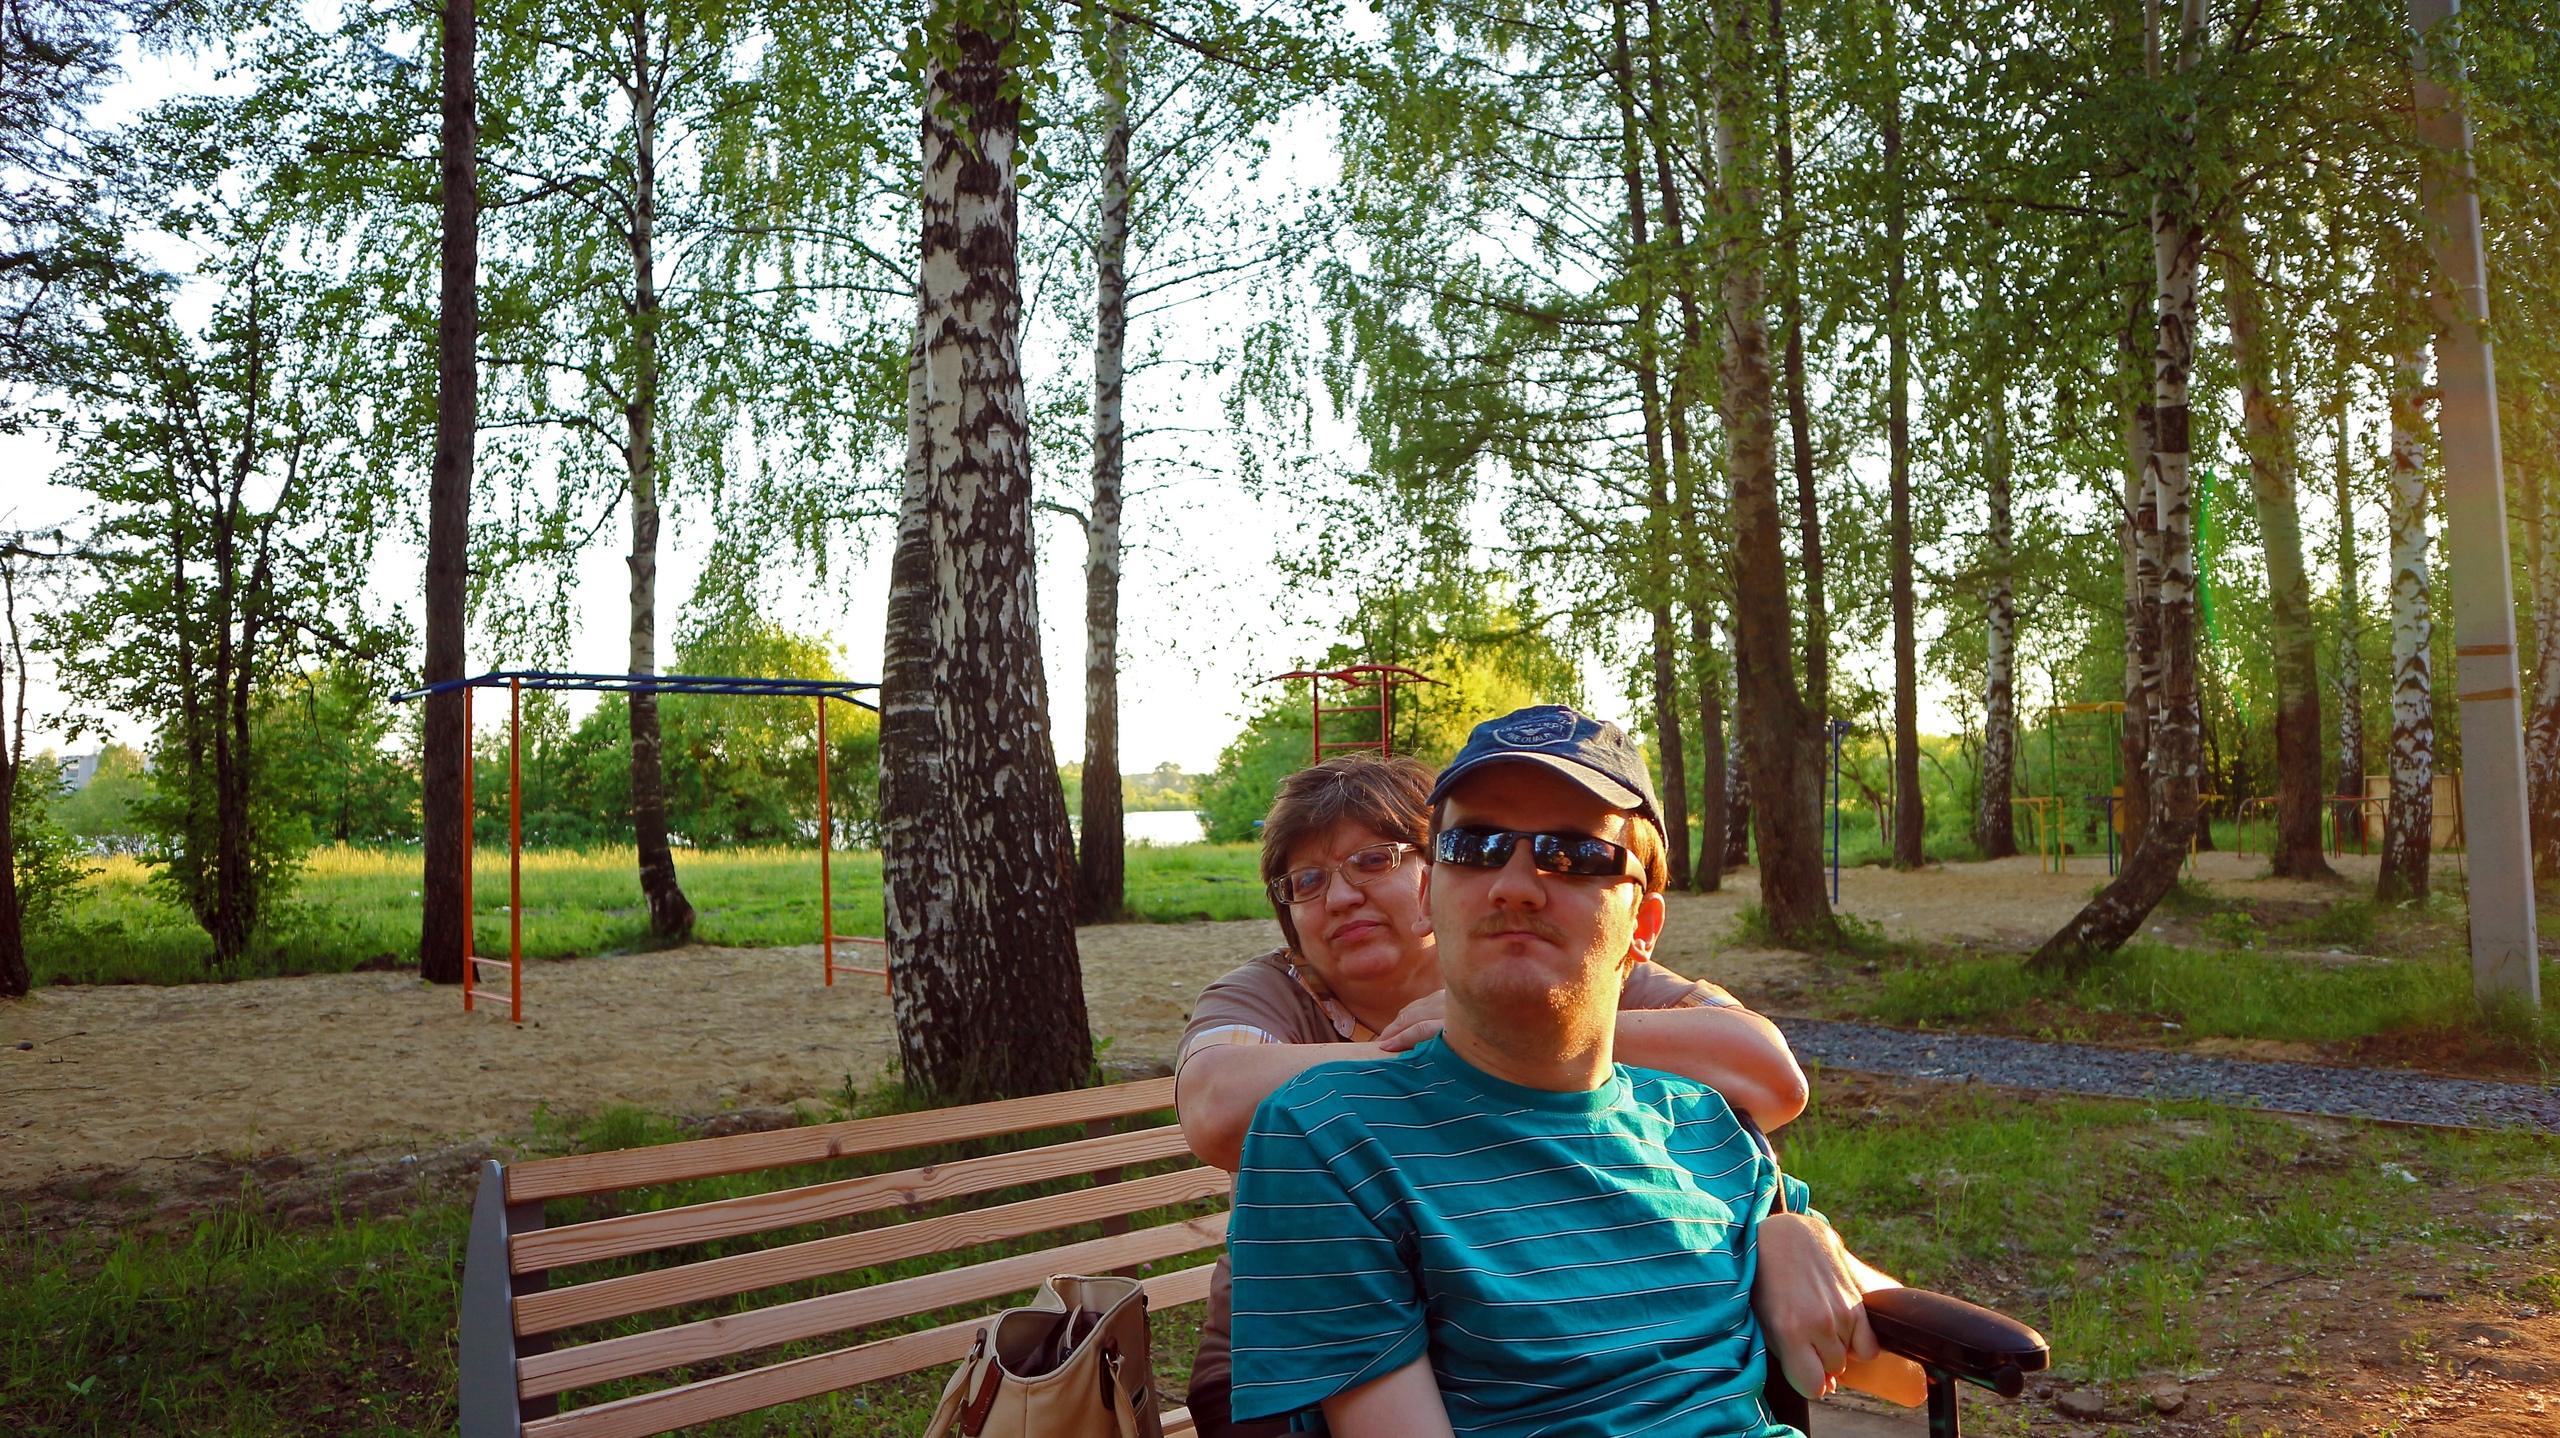 Я с мамой, в 2019 году, летом Йошкар-Оле . Яркое лето